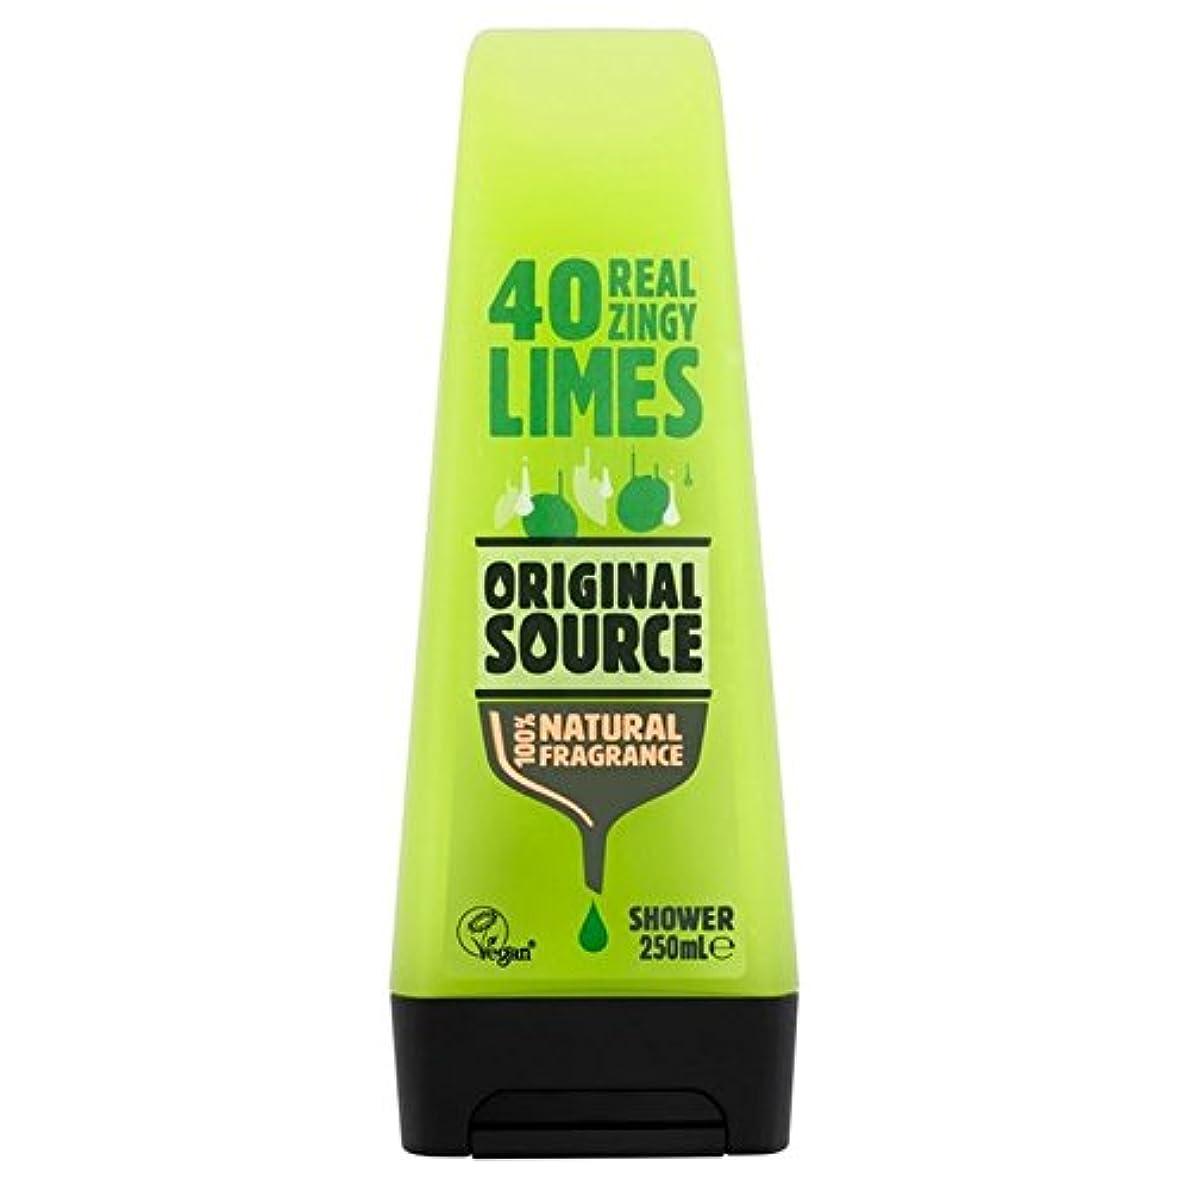 飲料時々時々備品元のソースライムシャワージェル250ミリリットル x2 - Original Source Lime Shower Gel 250ml (Pack of 2) [並行輸入品]